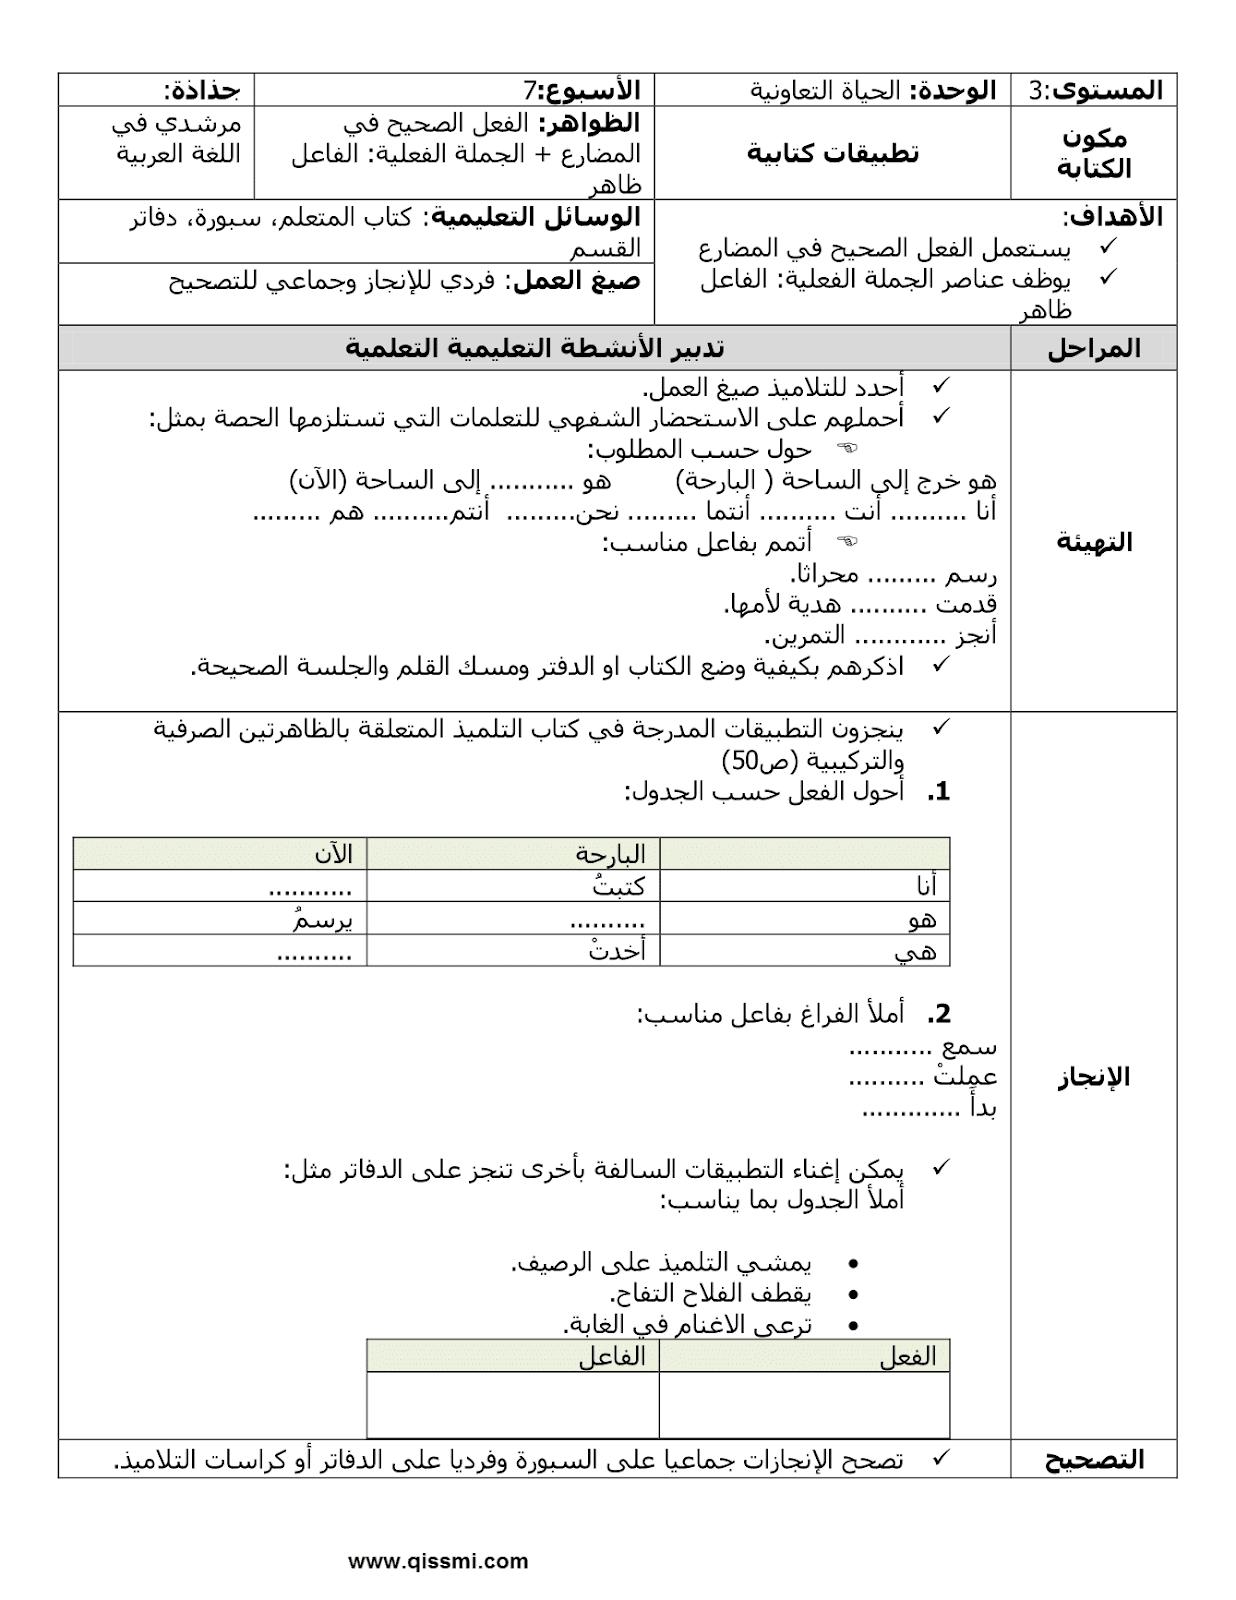 التطبيقات الكتابية